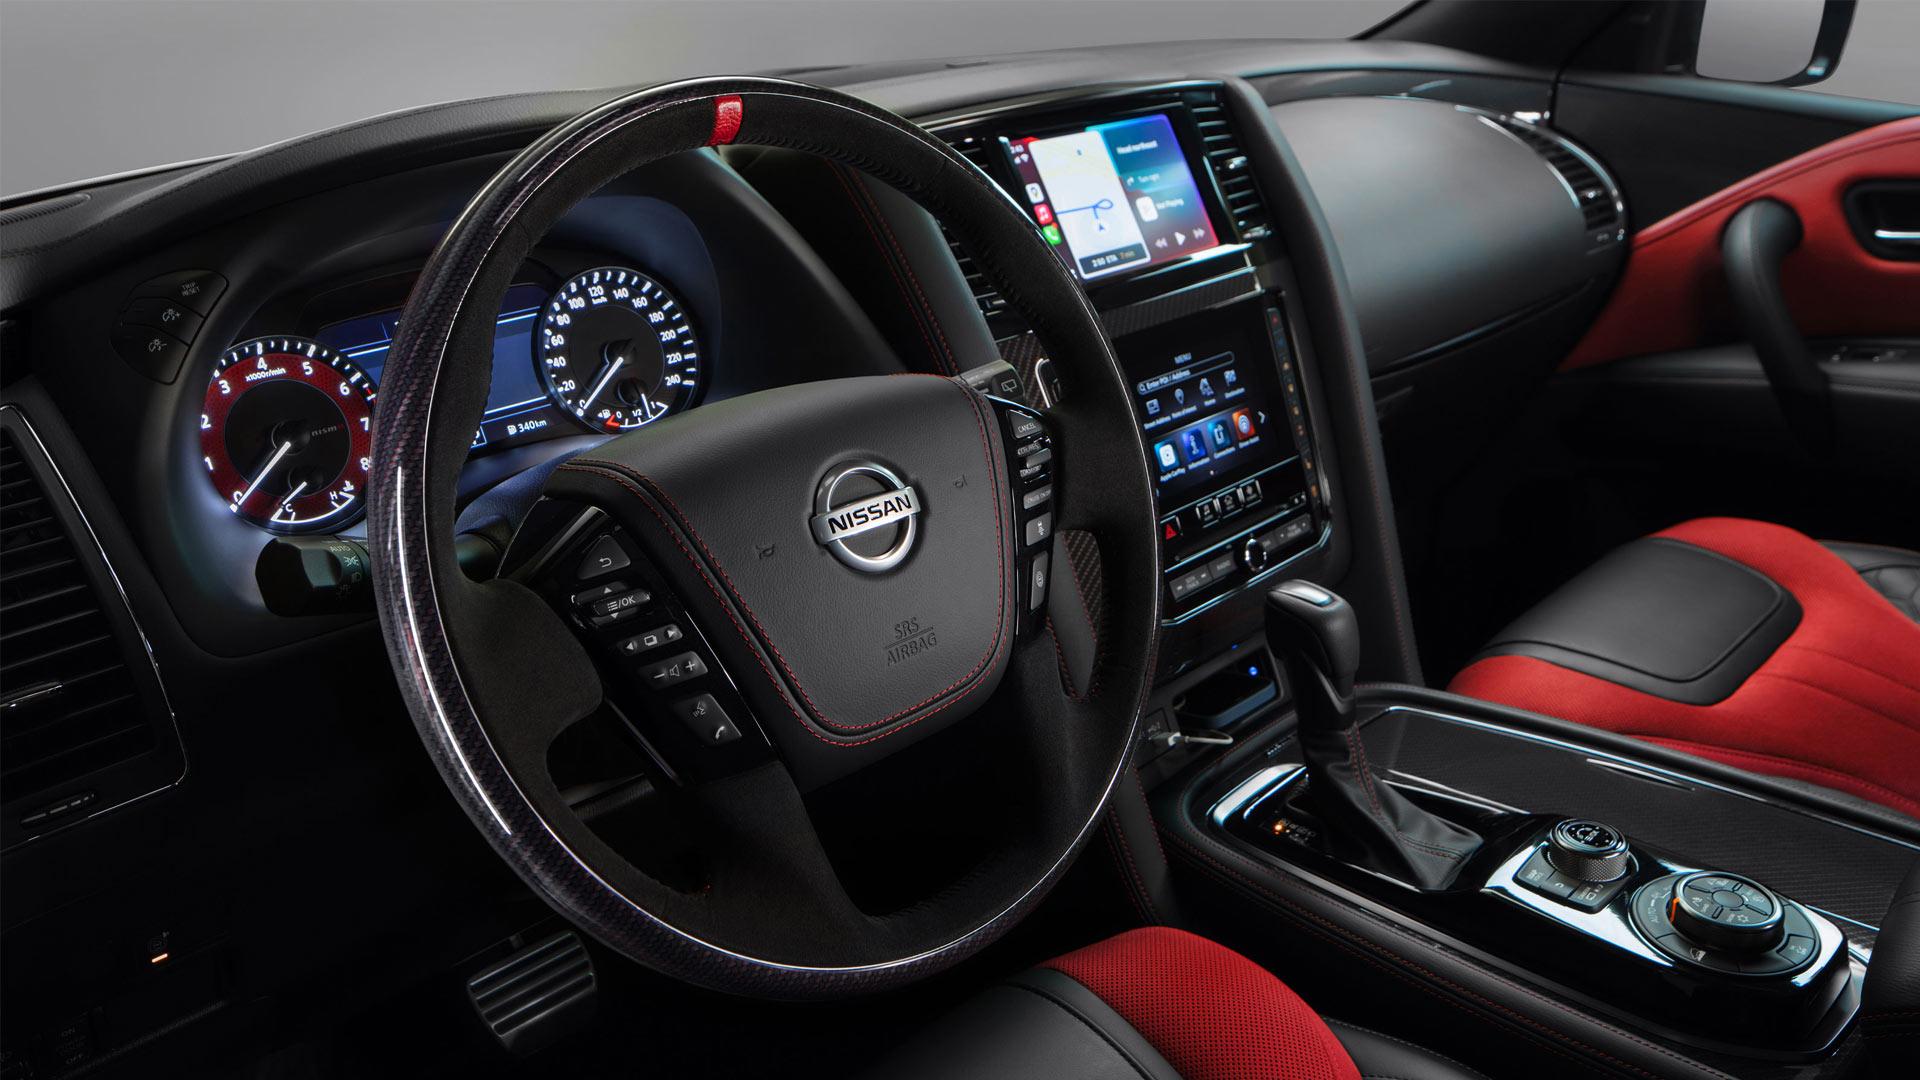 The Nissan Patrol Nismo Steering Wheel